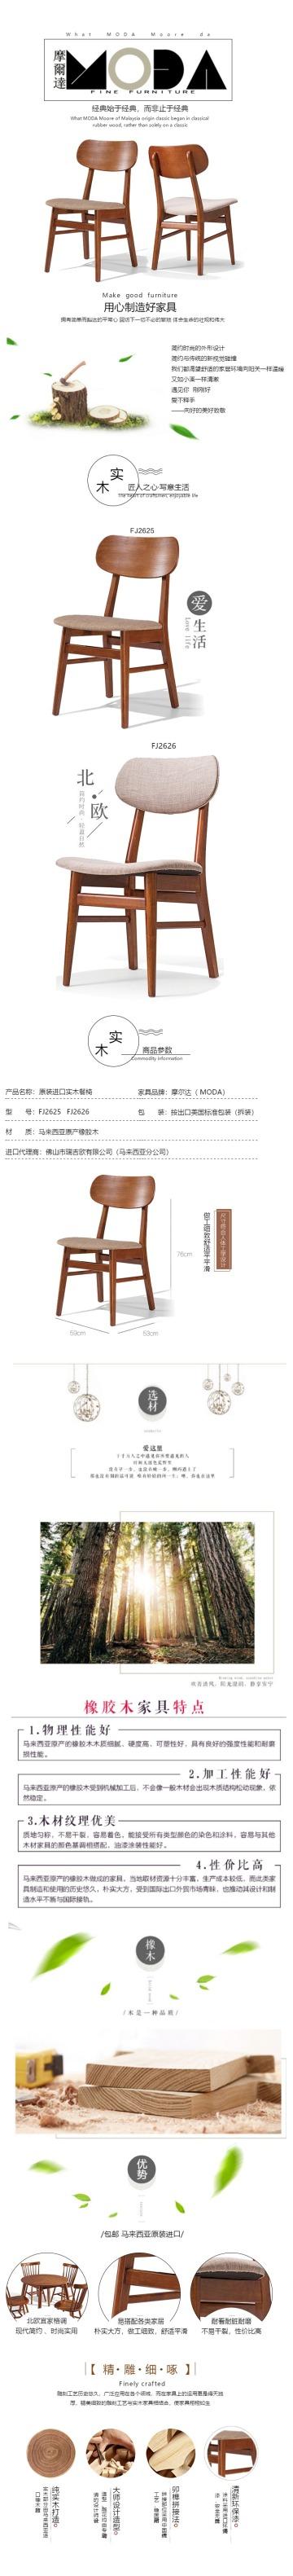 白色简约家居家装椅子宣传营销电商详情页